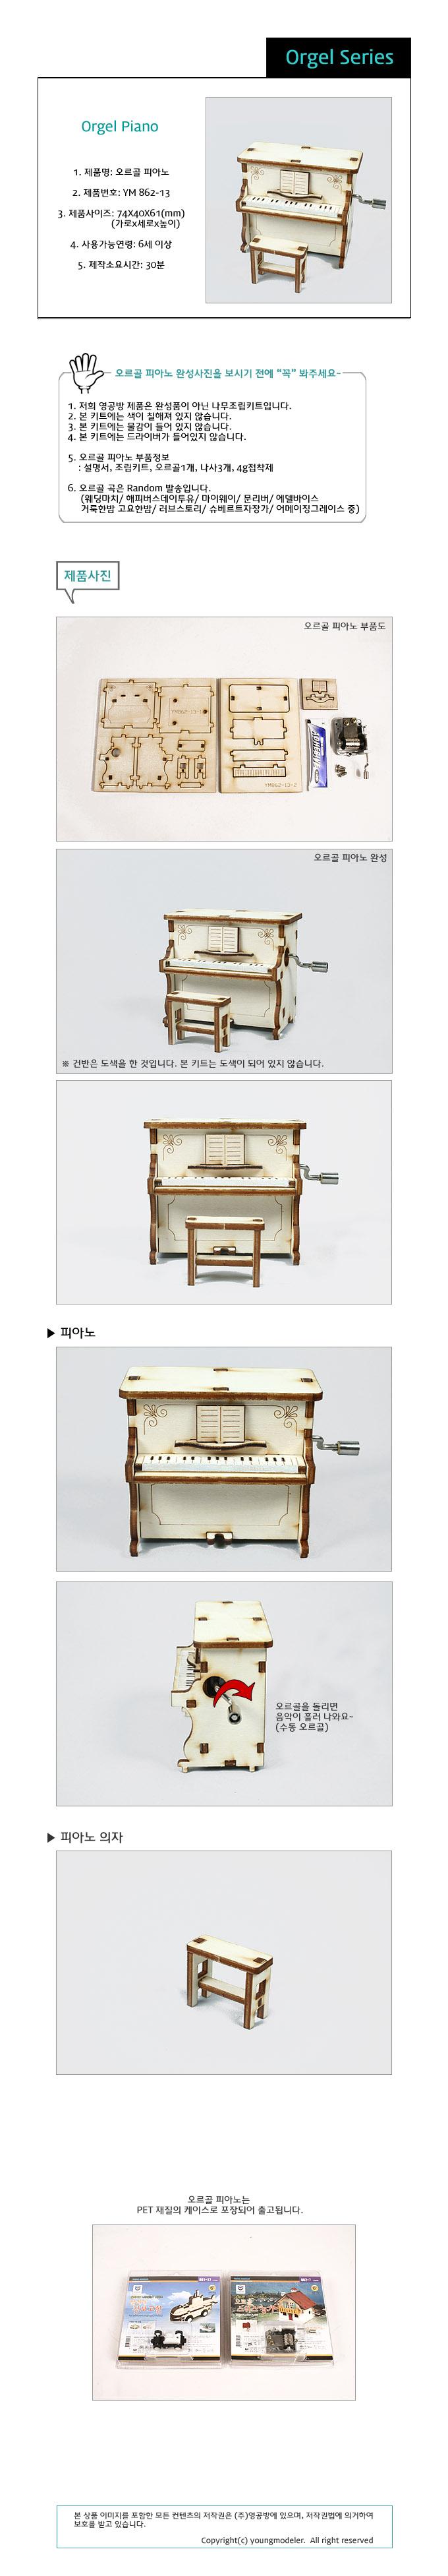 오르골시리즈- 오르골피아노 - 영공방, 10,000원, 조각/퍼즐, 우드퍼즐